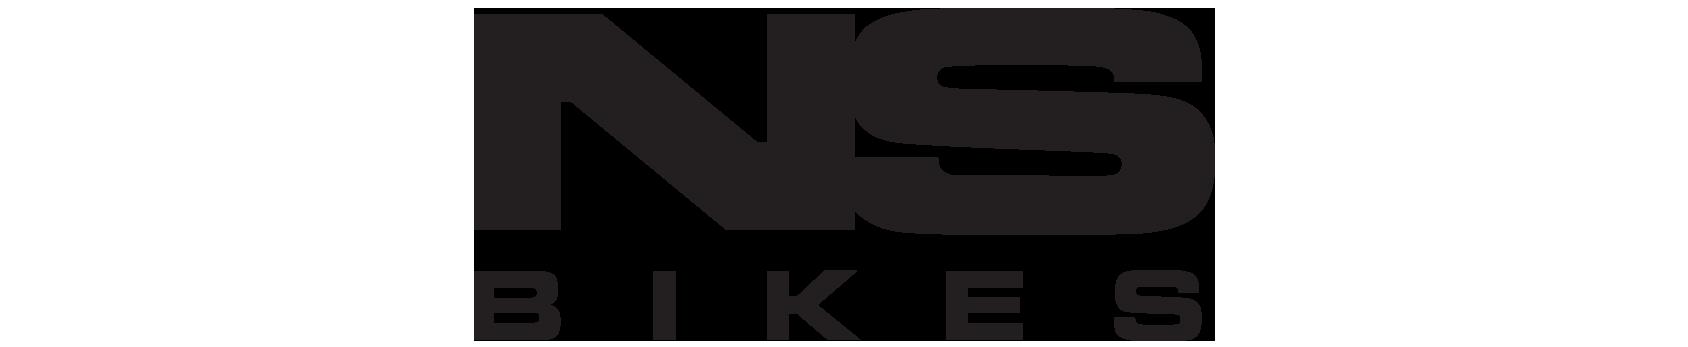 NS-newlogo copy.png